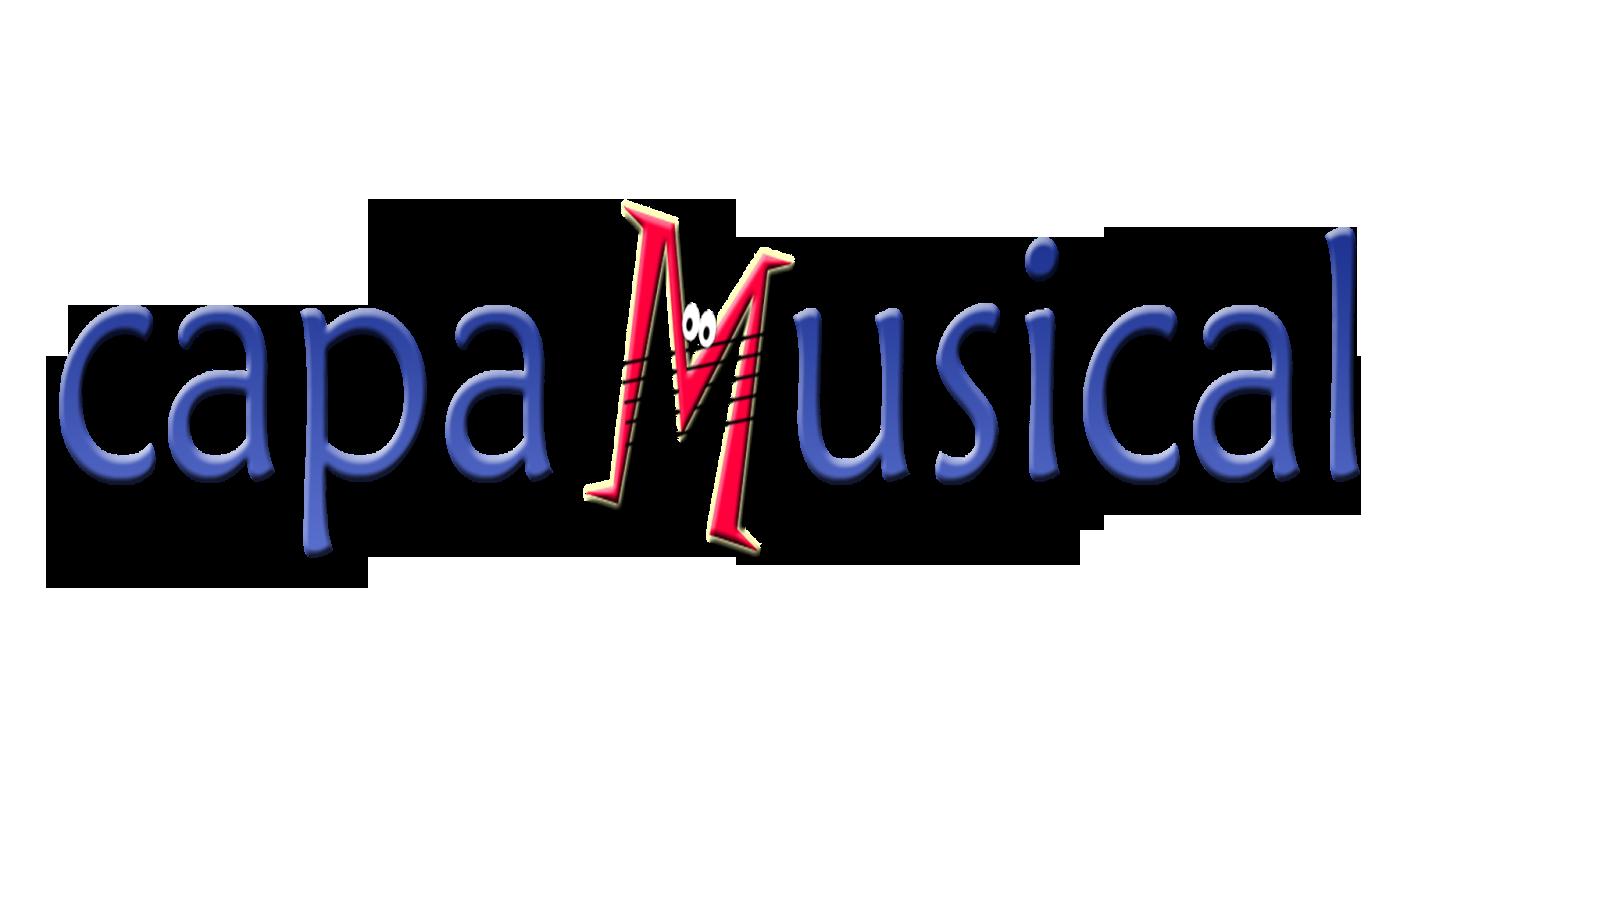 Capa Musical